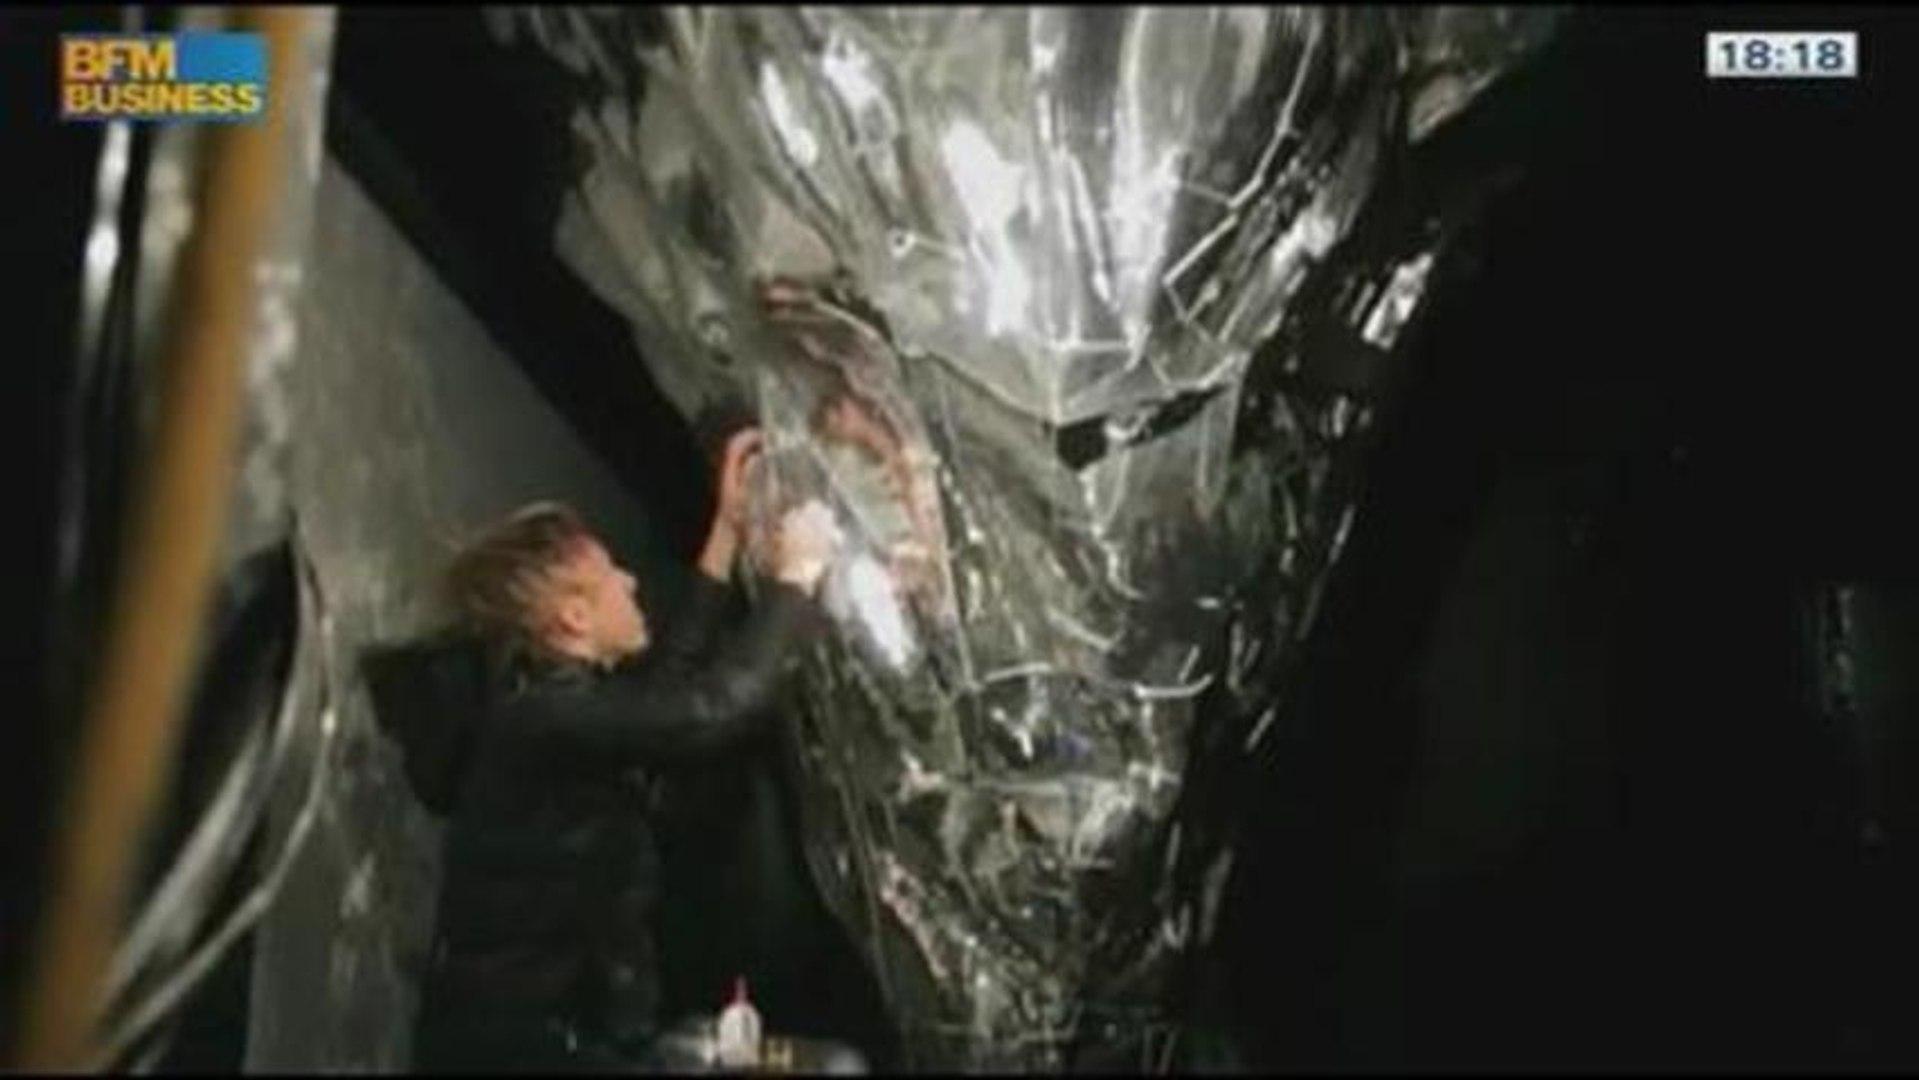 Joanie Lemercier s'empare des vitrines de Barneys: une expérience visuelle unique: Tristan De T